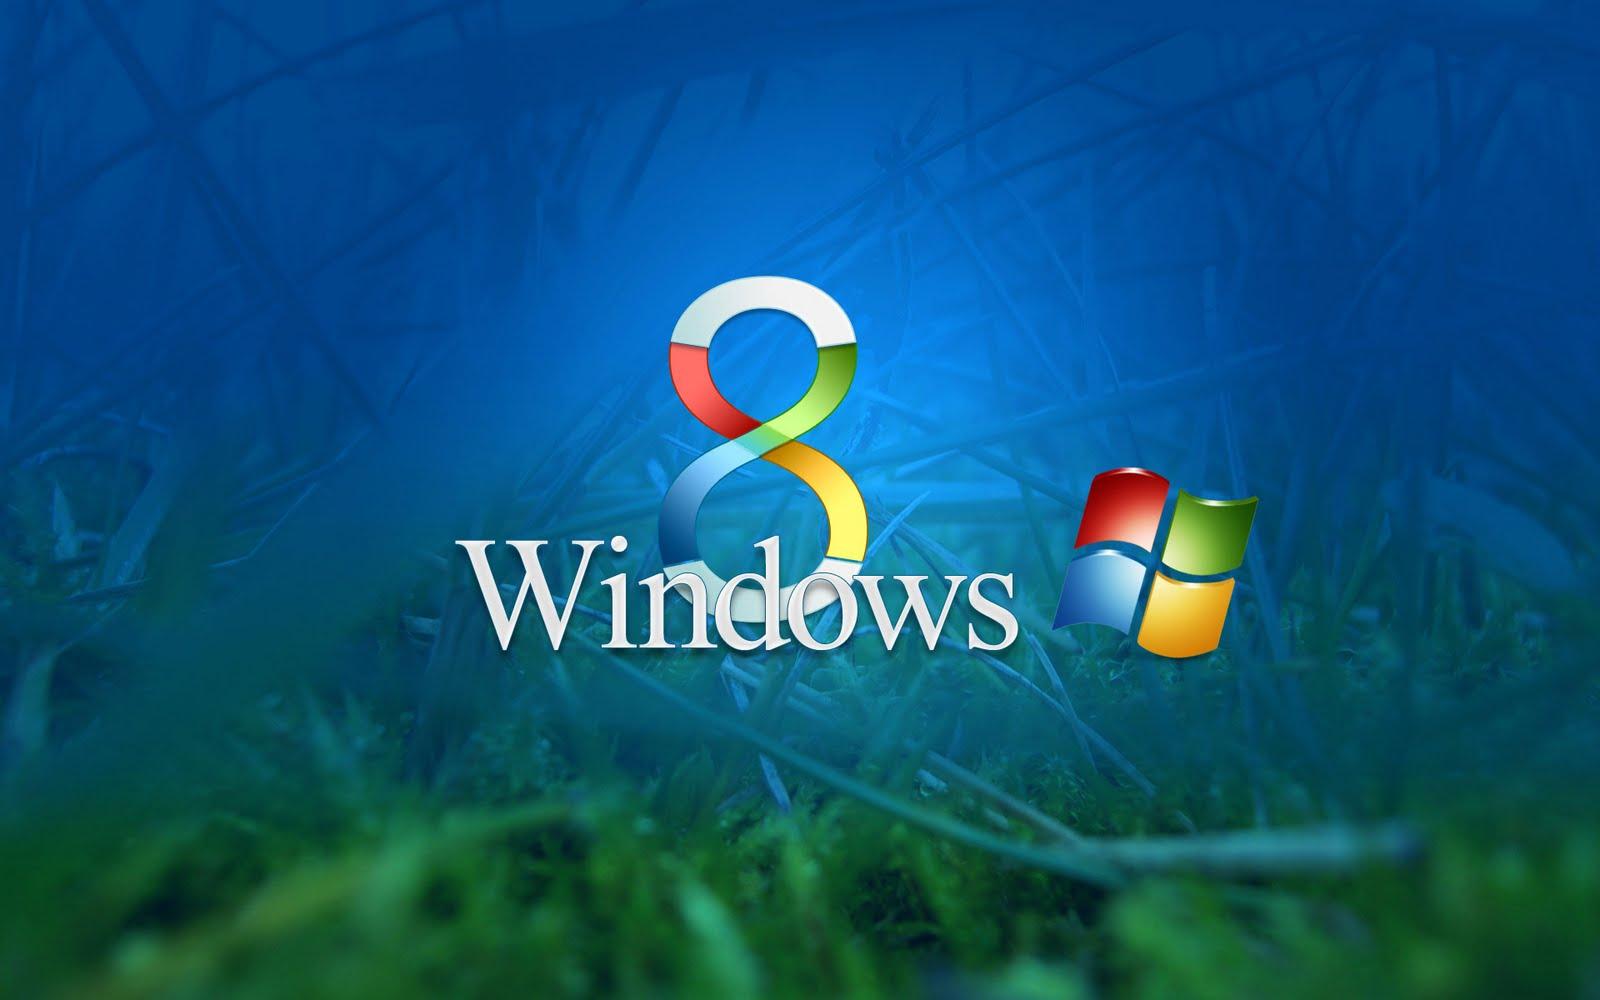 http://2.bp.blogspot.com/-dmC6reBnYvI/URJDPs3LrzI/AAAAAAAABDY/vQtqs2TCqRc/s1600/windows_8_wallpaper_by_nhratf-d3awb1b.jpg